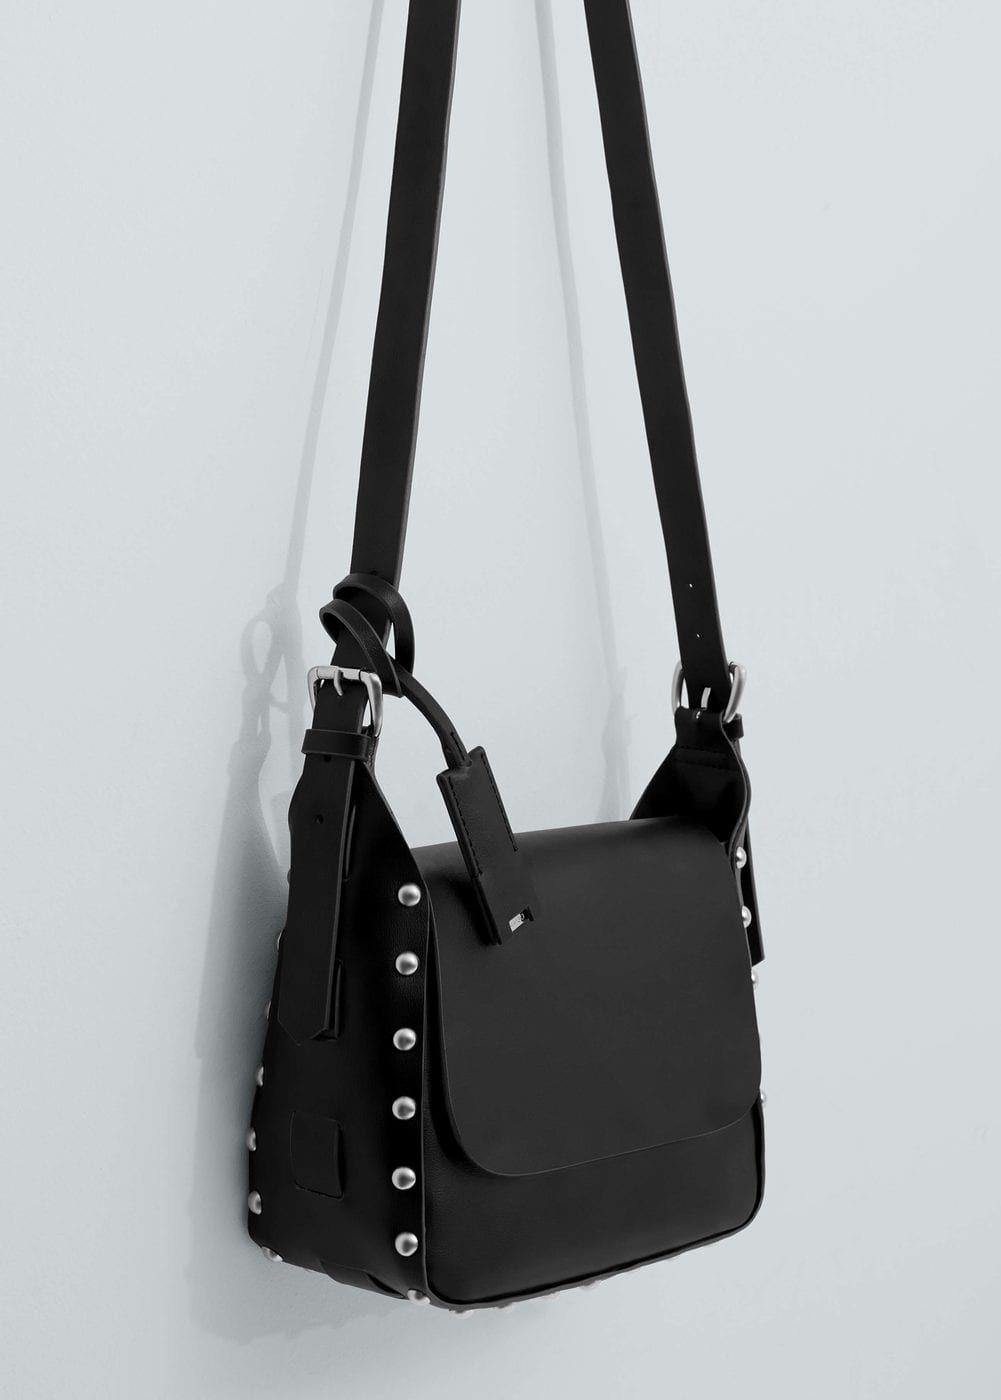 Przewieszana torebka z ćwiekami - Torebki dla Kobieta | OUTLET Polska